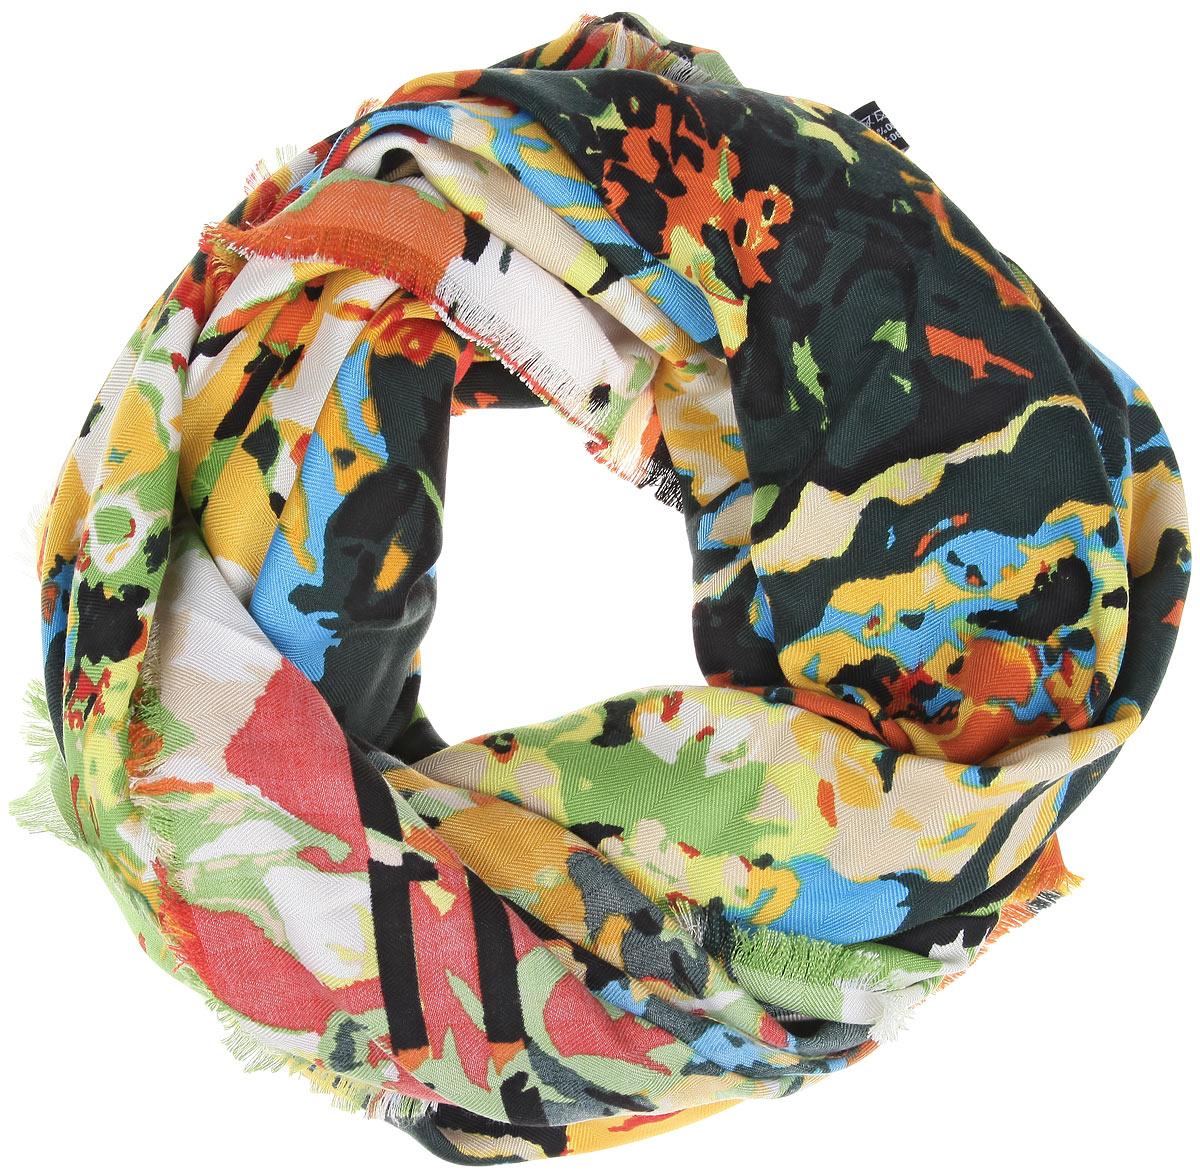 Платок женский. BH-11527BH-11527-9Платок Sophie Ramage, выполненный из модала с добавлением кашемира, идеально дополнит образ современной женщины. Благодаря своему составу, он удивительно мягкий и очень приятный на ощупь. Модель оформлена ярким принтом, а по краям декорирована бахромой. Классическая квадратная форма позволяет носить платок на шее, украшать им прическу или декорировать сумочку. С этим платком вы всегда будете выглядеть женственной и привлекательной.